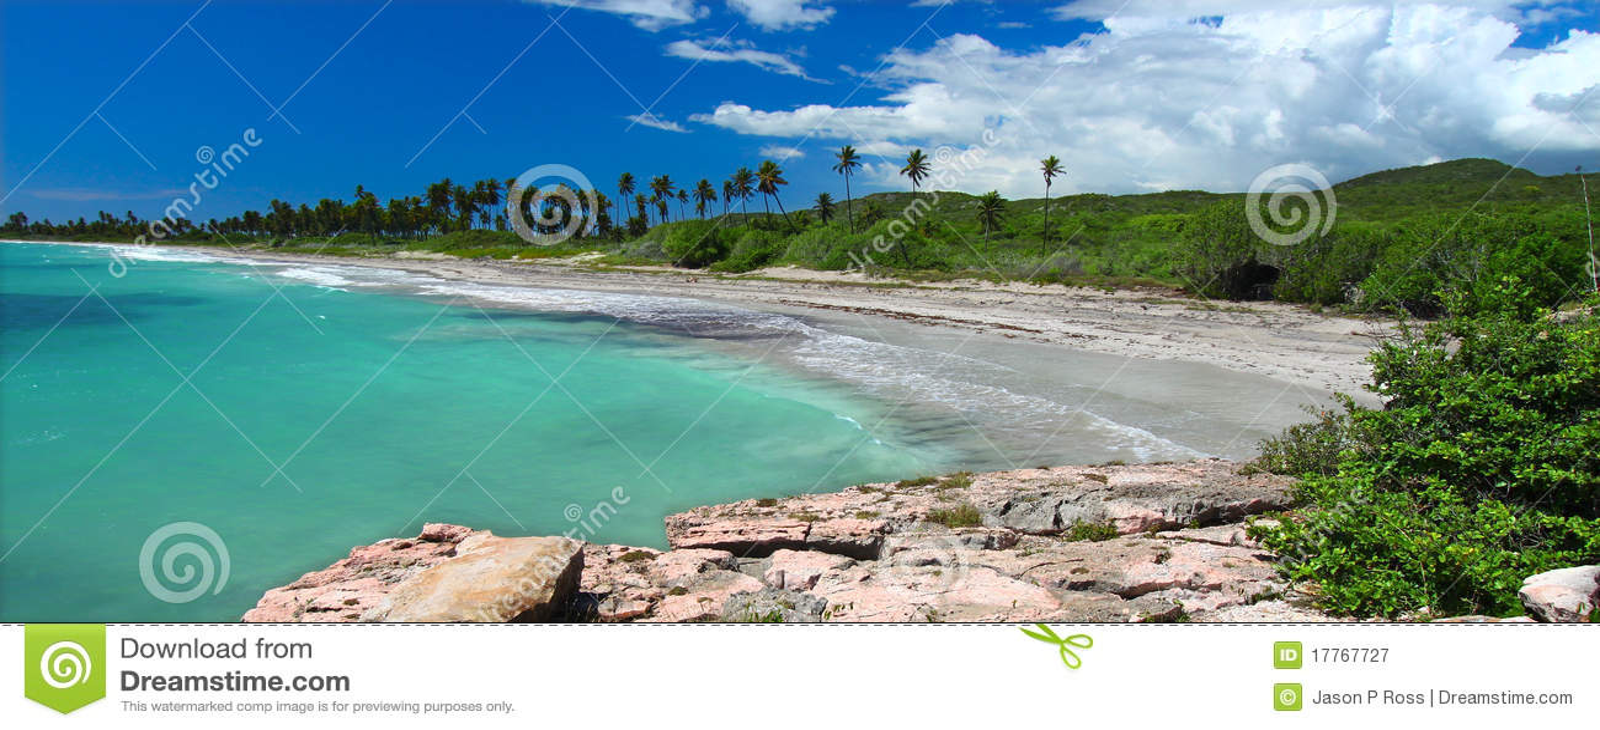 Praia de Guanica - Puerto Rico